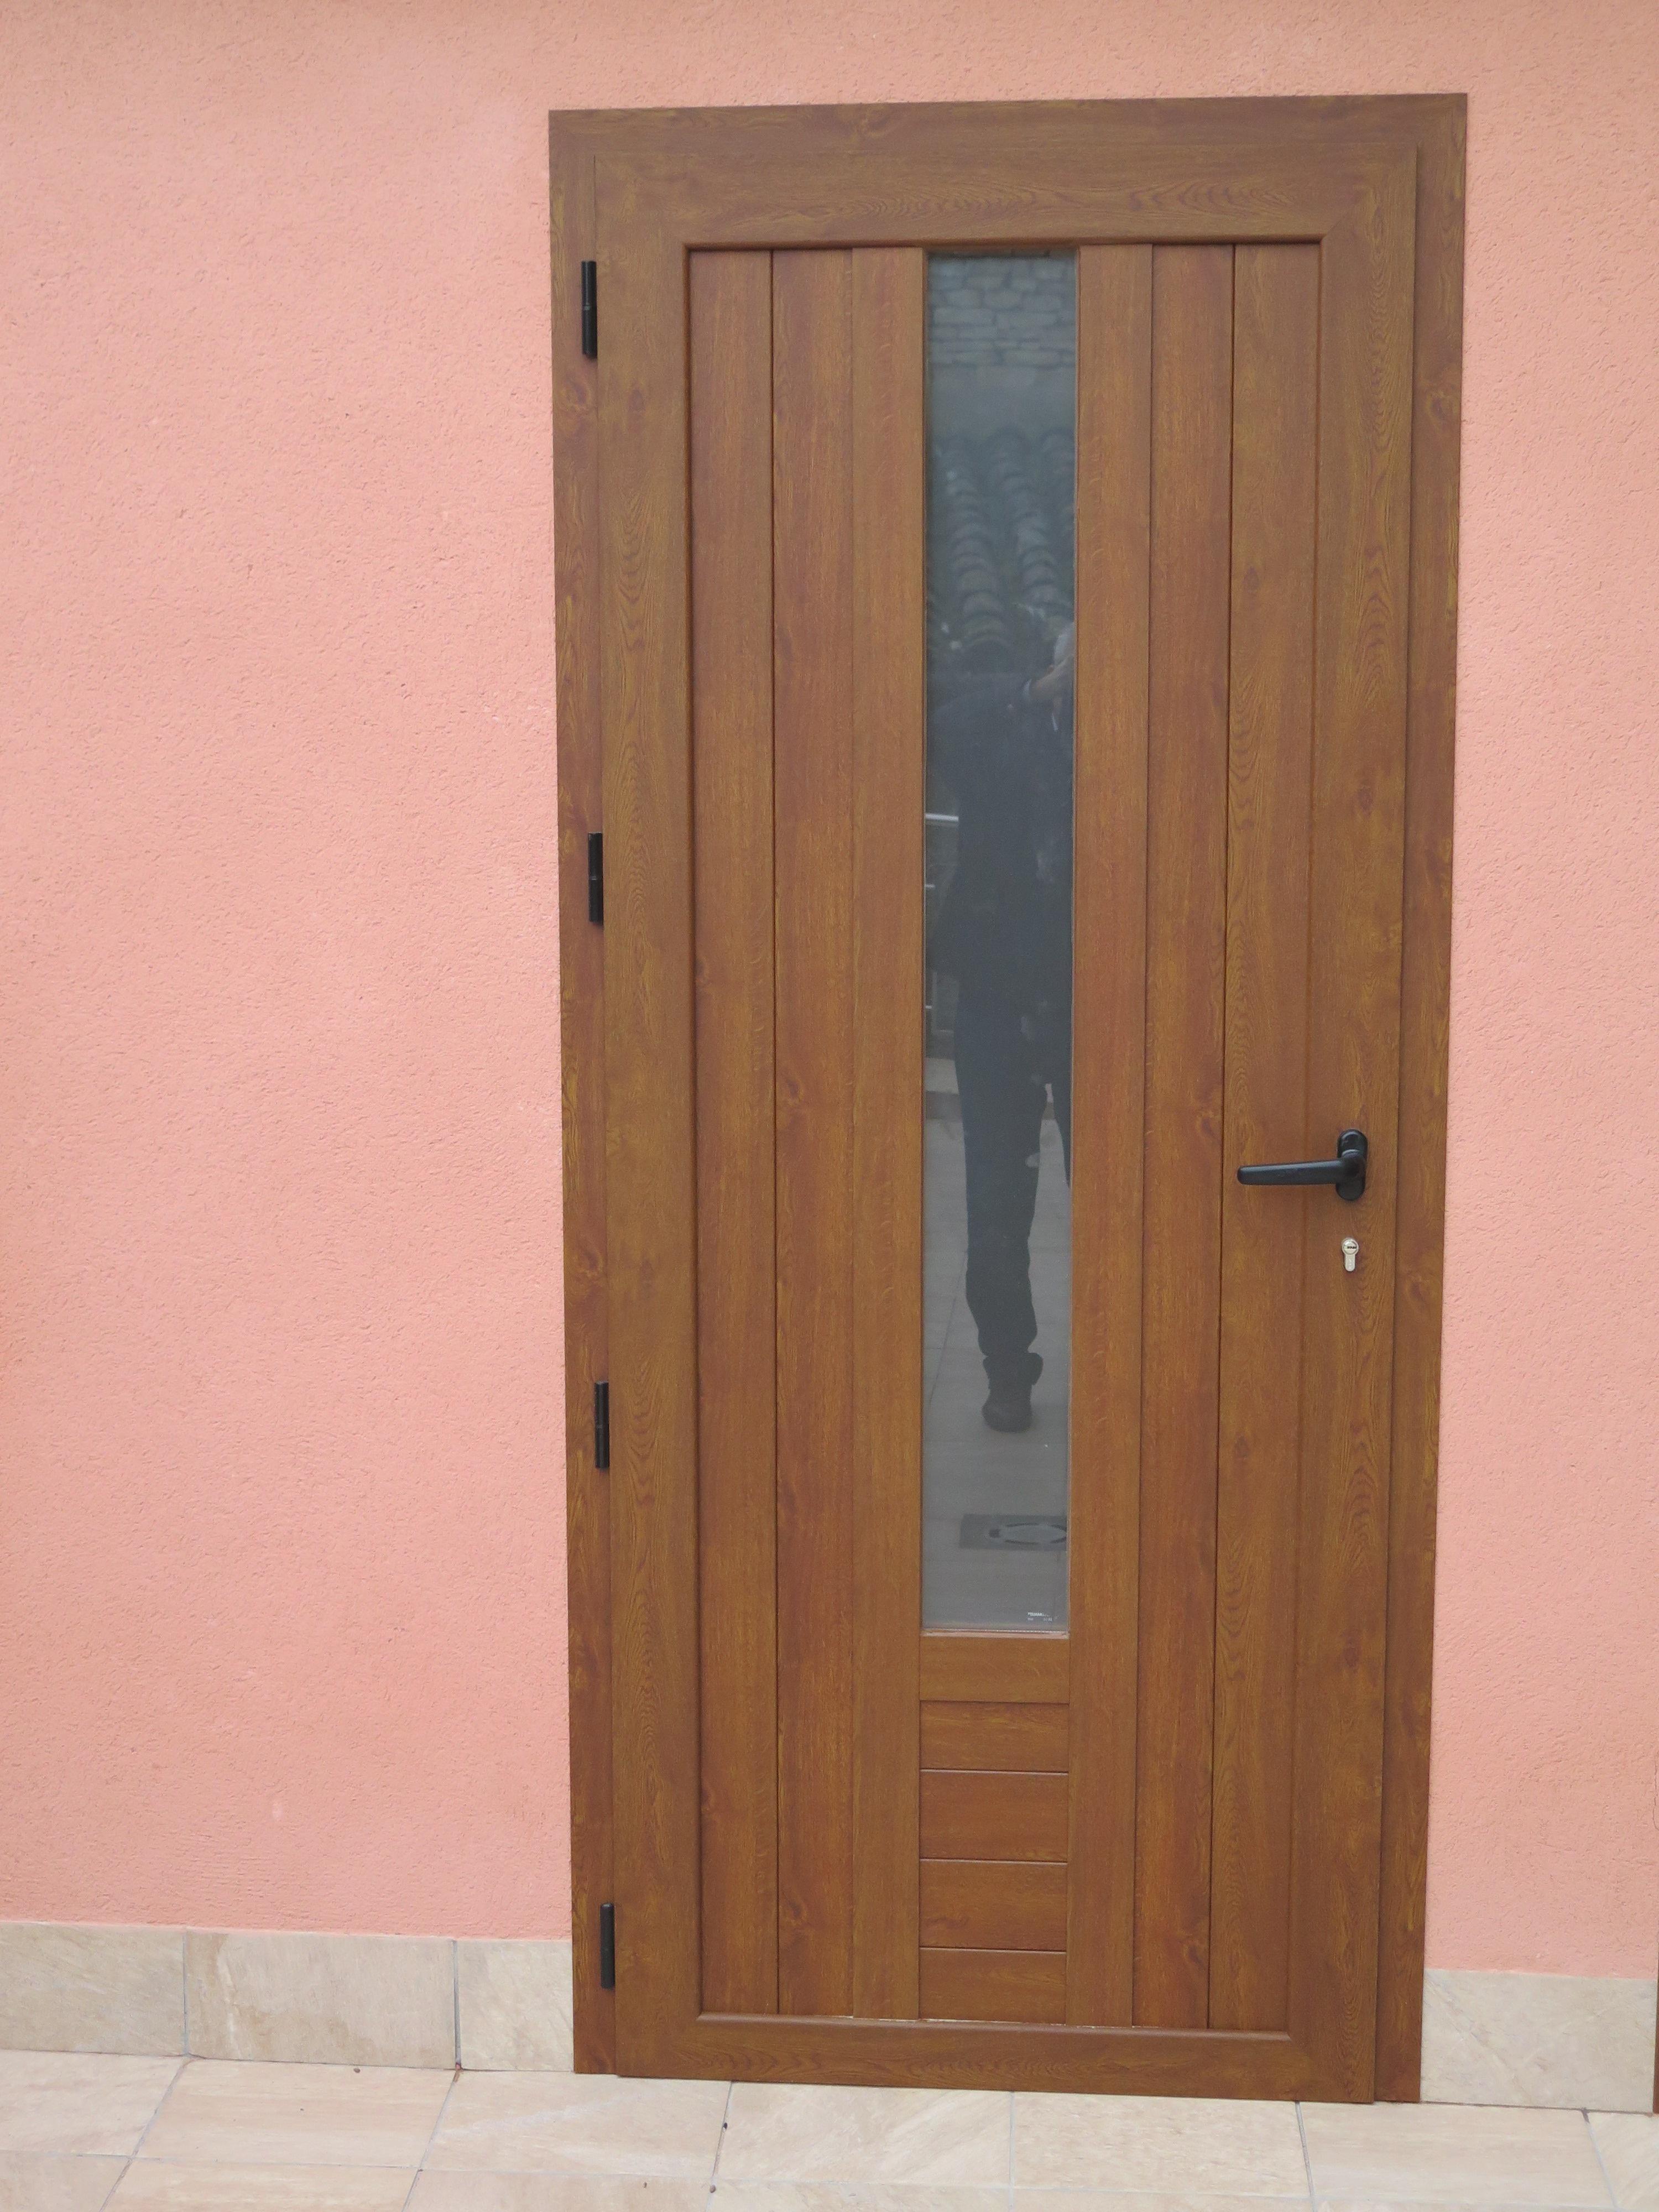 Puertas de aluminio color madera simple puertas - Puerta balconera aluminio ...